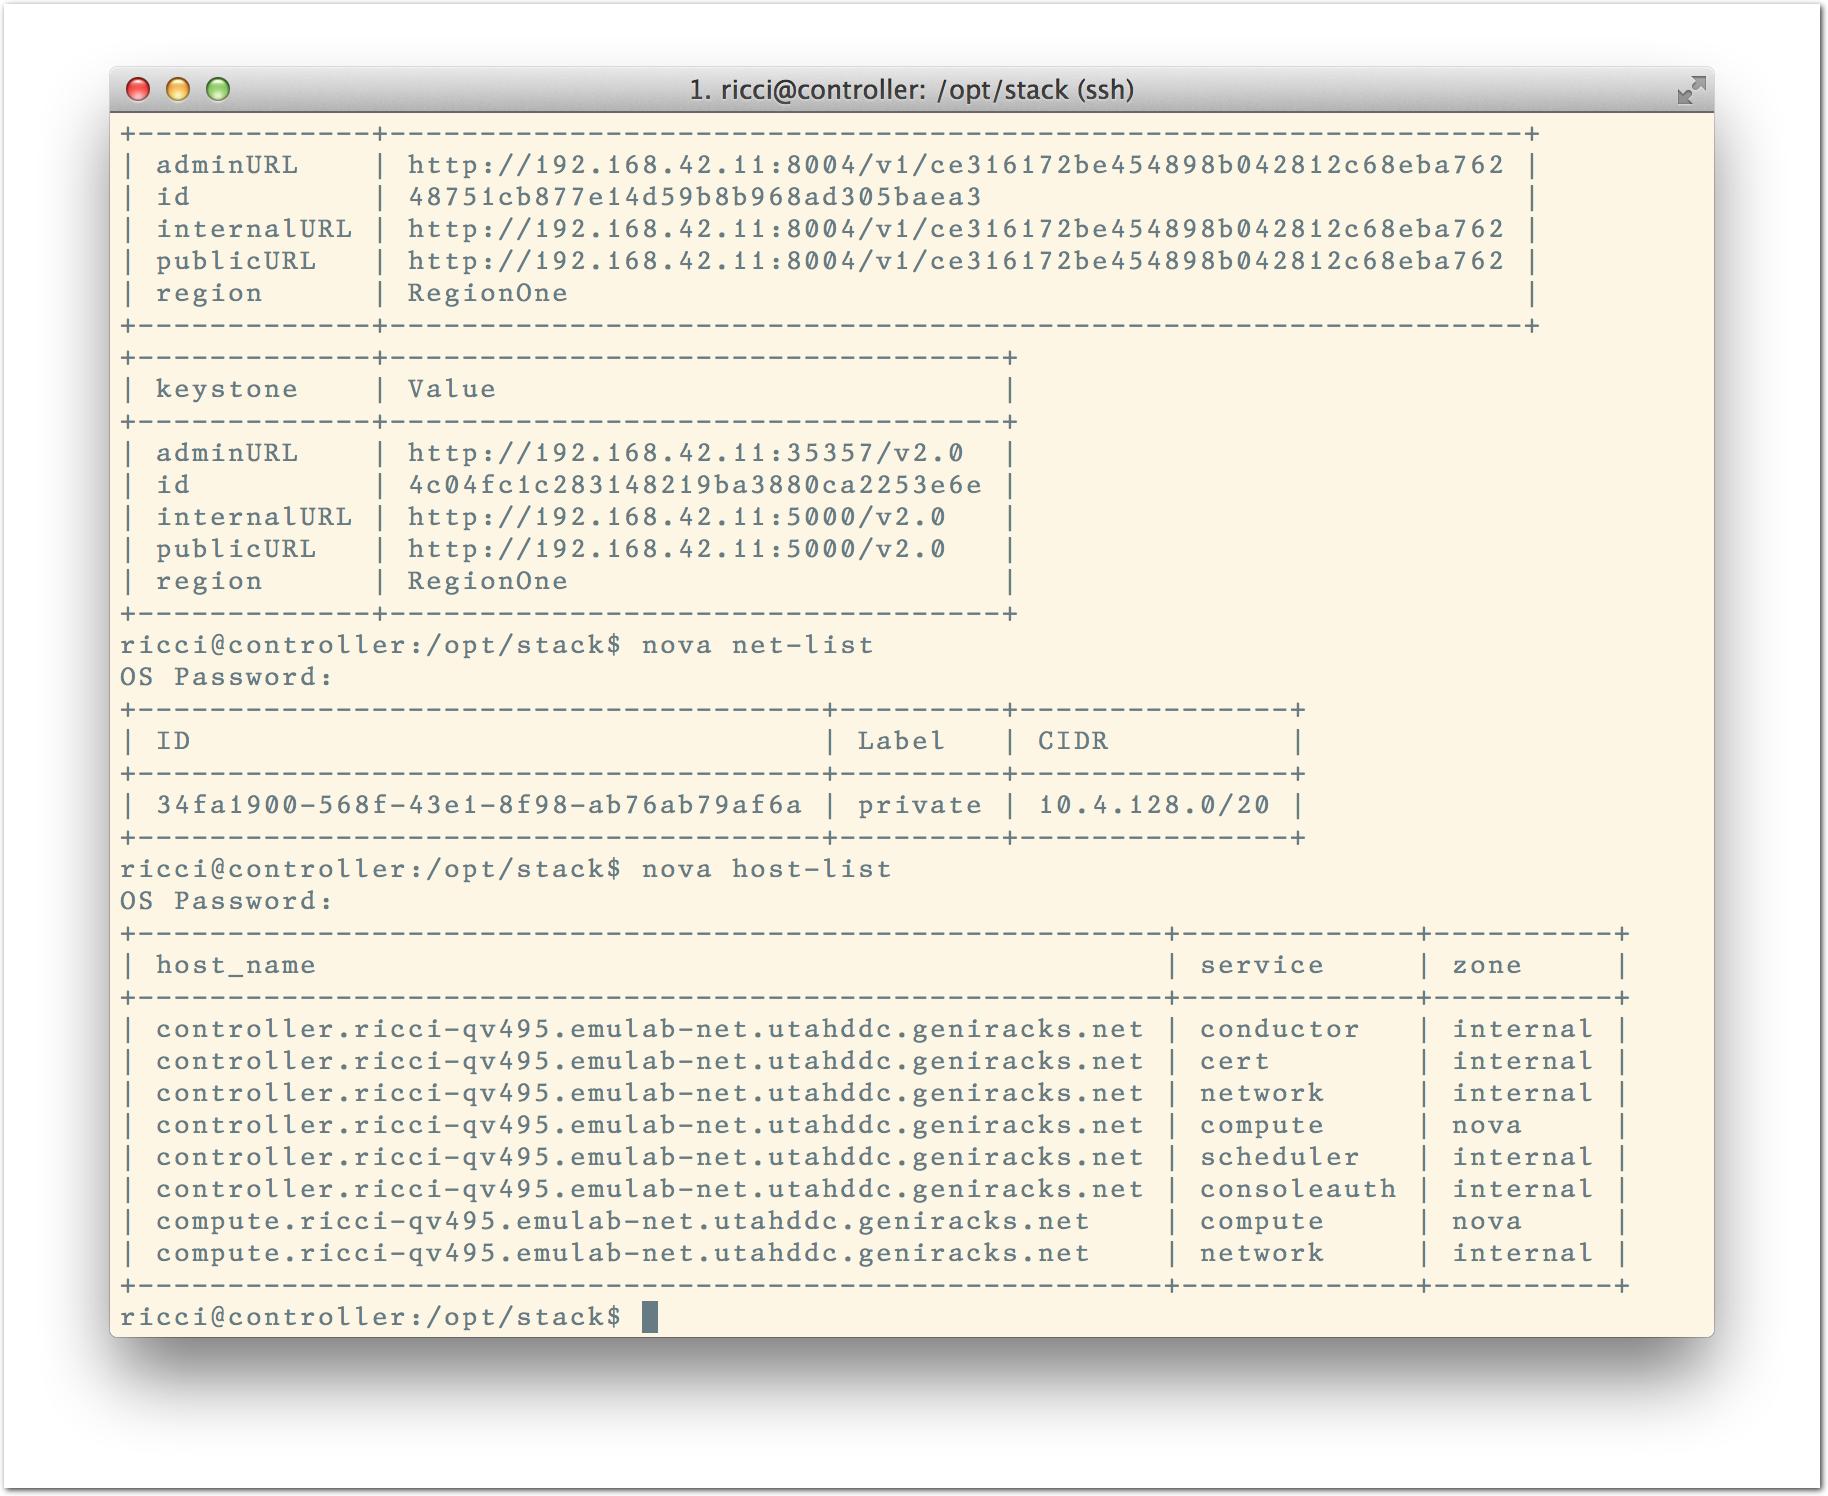 screenshots/pnet/openstack-shell.png